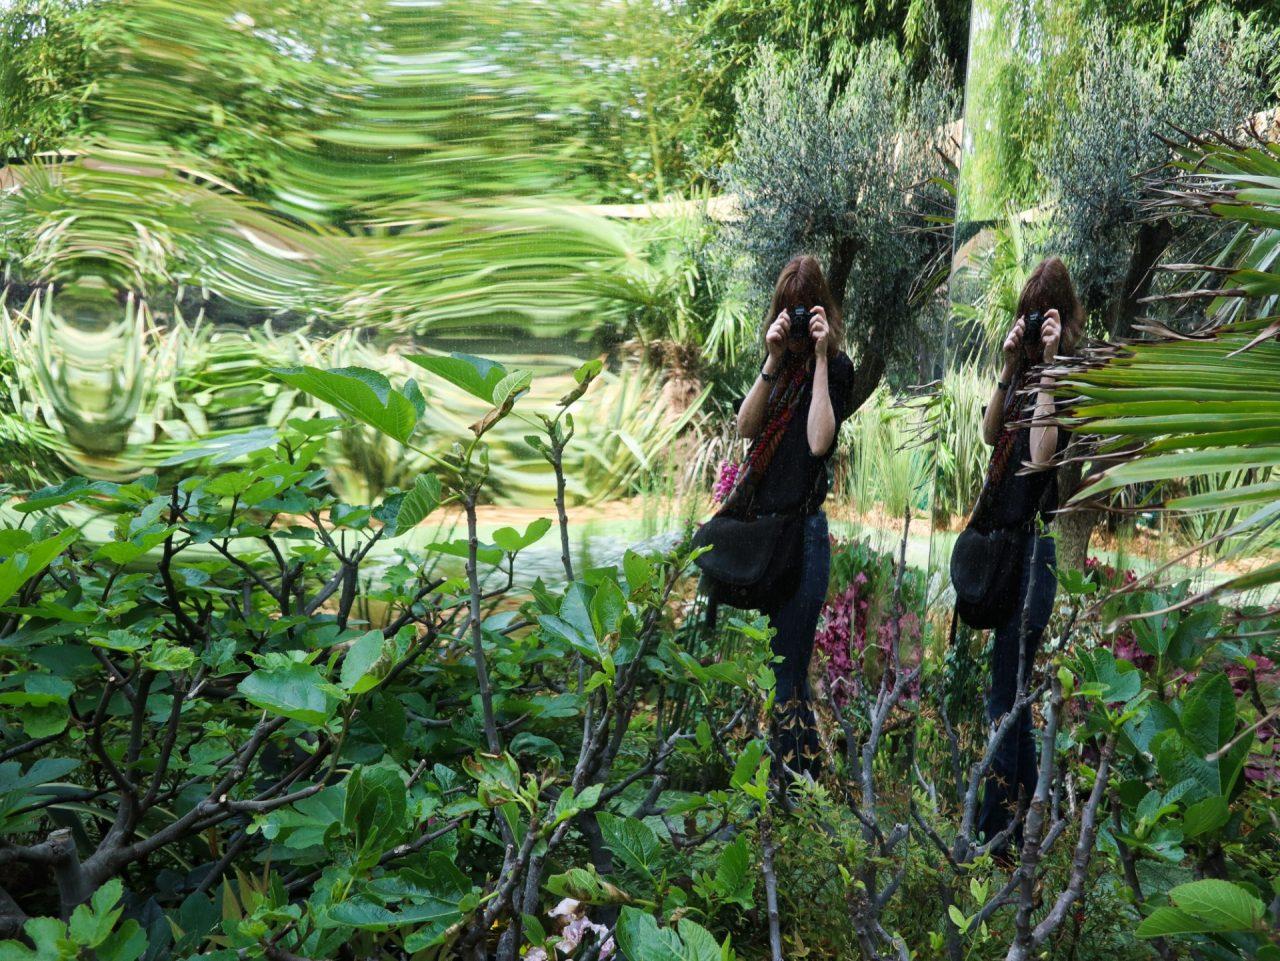 val-de-loire-chaumont-sur-loire-centre-art-et-nature-festival-des-jardins-pascale-desclos